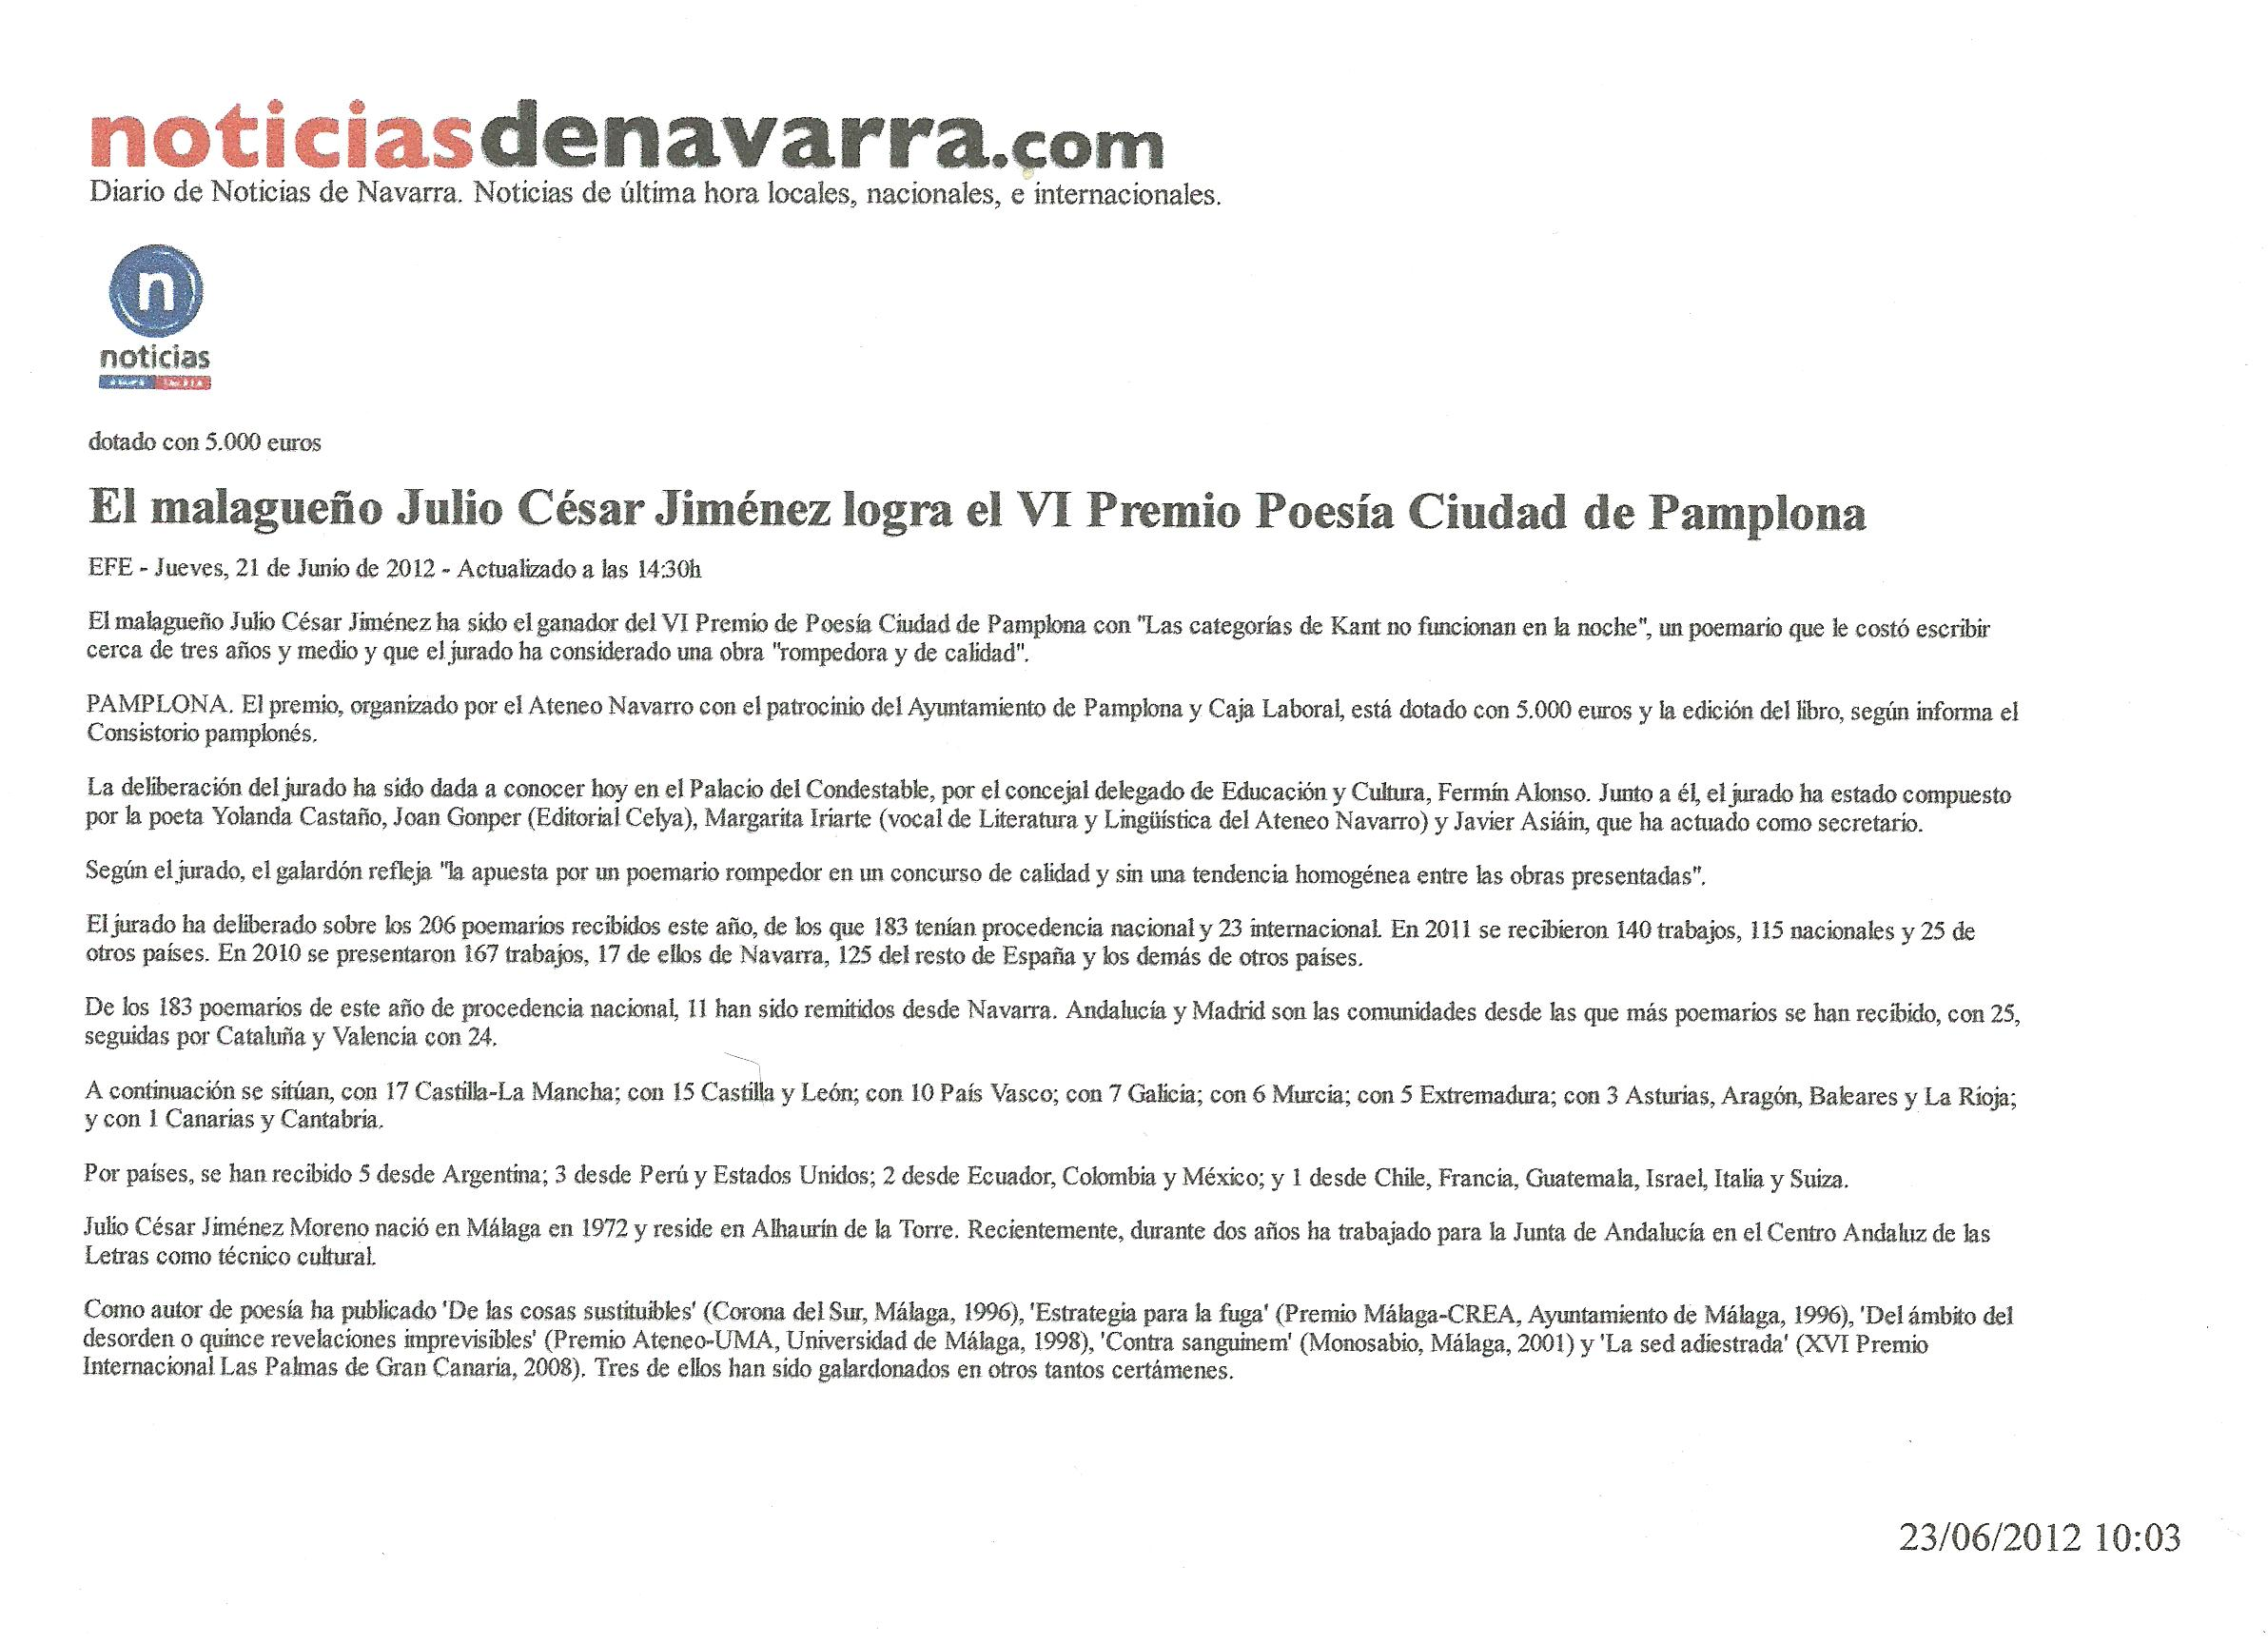 Noticias de Navarra : Julio César Jiménez logra el VI Pemio de Poesía 'Ciudad de Pamplona'.